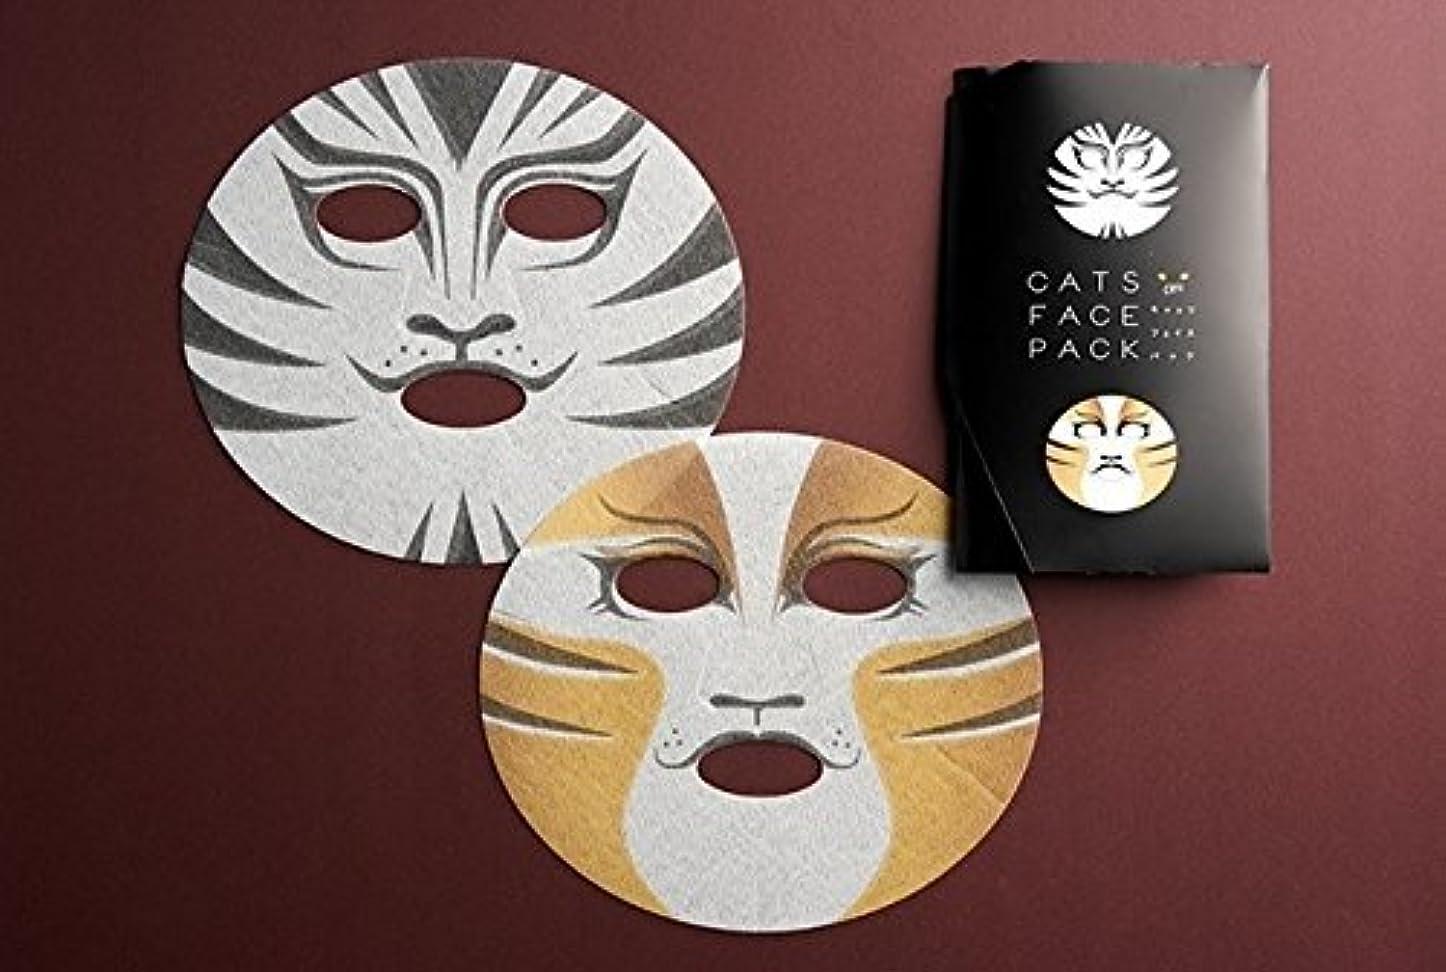 変動する先のことを考えるシェア劇団四季  CATS キャッツ フェイスパック (マンカストラップ&グリドルボーン) マスク 通販 限定品 コラボ